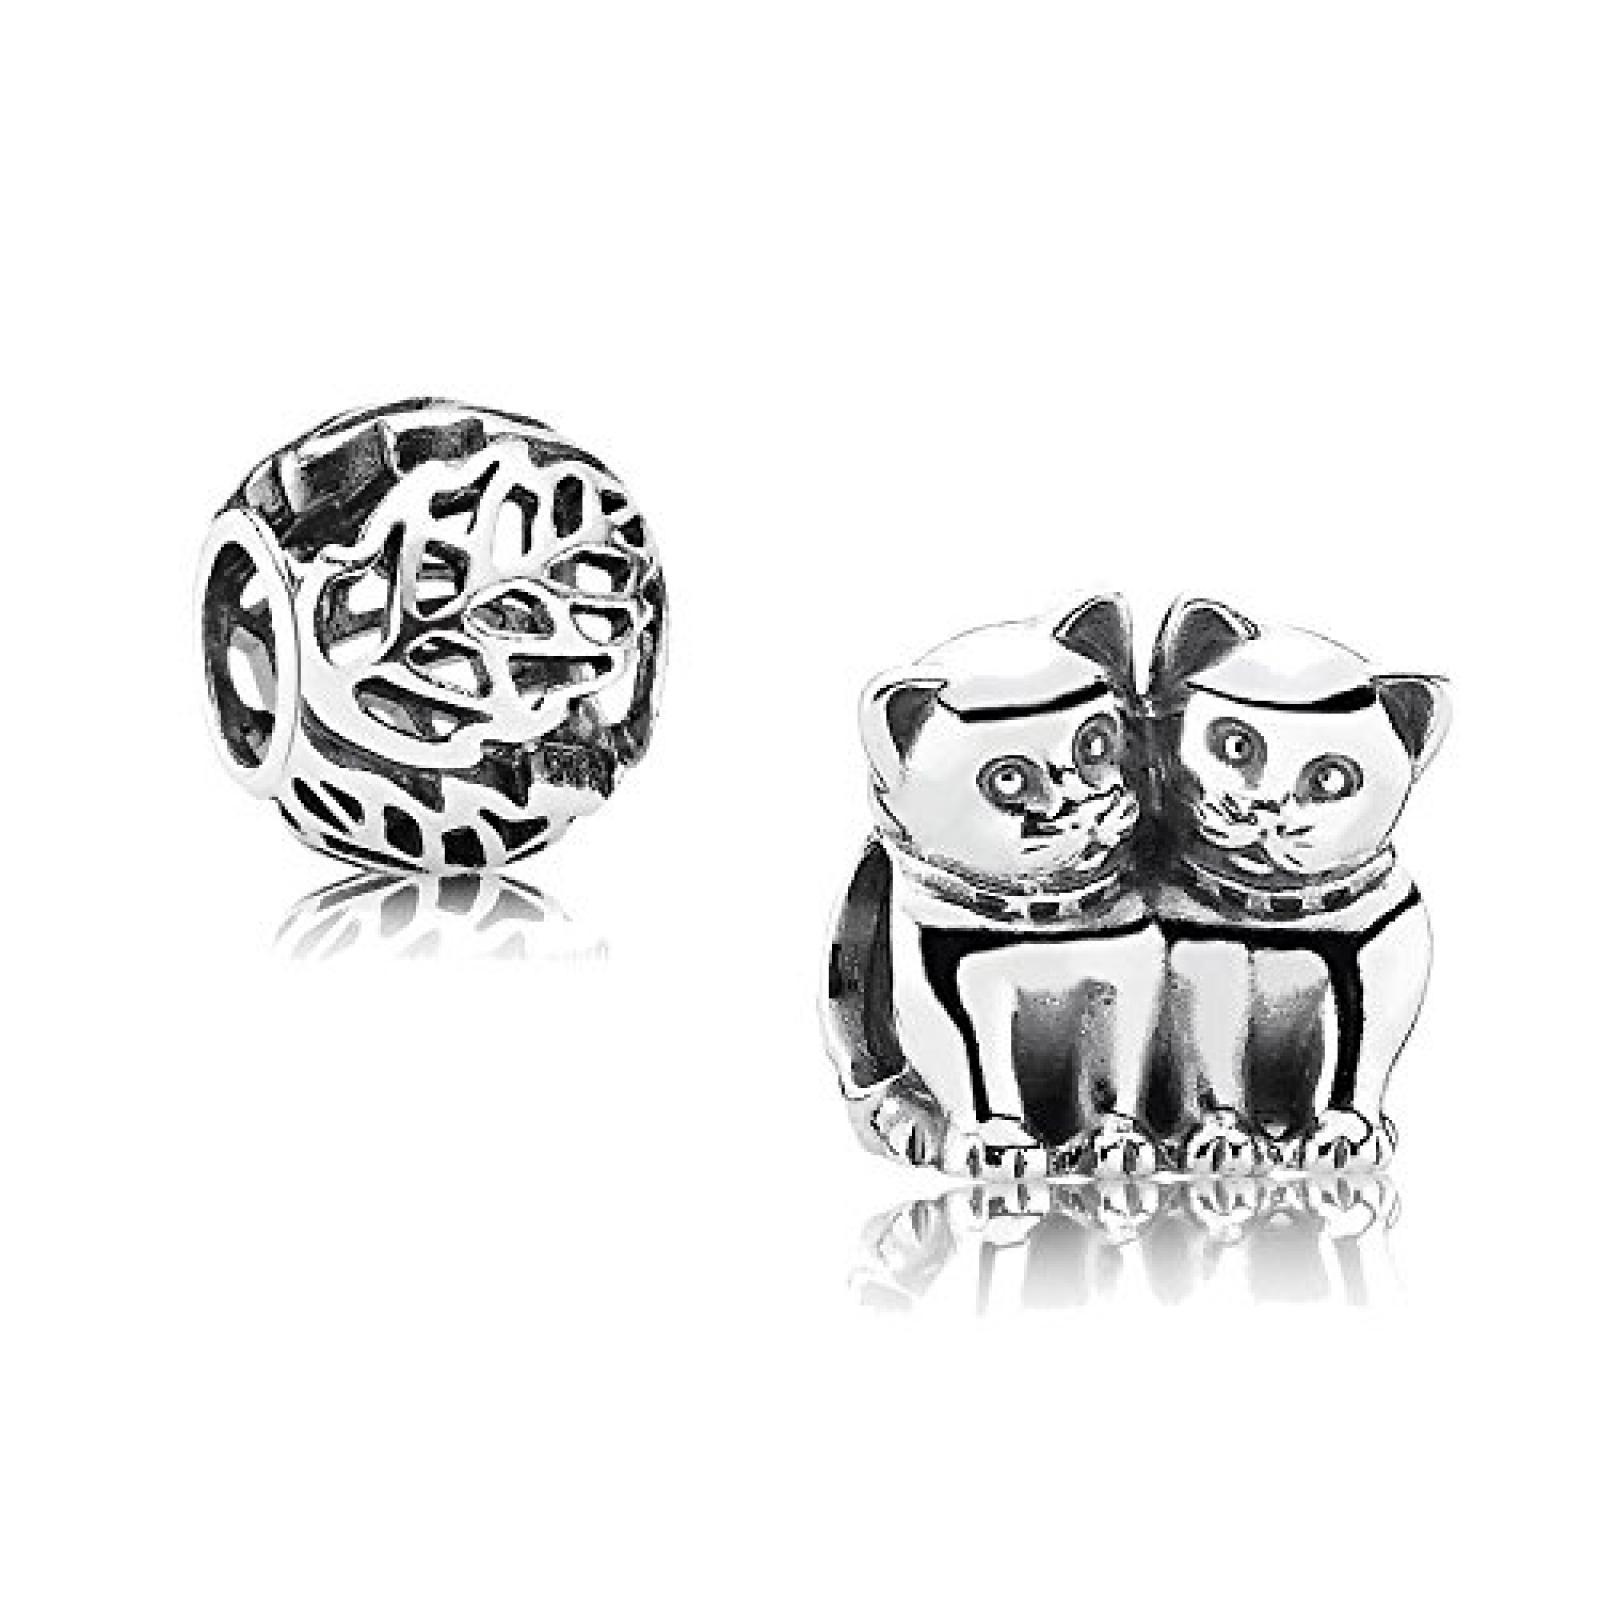 Original Pandora Geschenkset - 1 Silber Element Verliebte Kätzchen 791119 und 1 Filigranes Silber Element Durchbrochene Blätter 791190